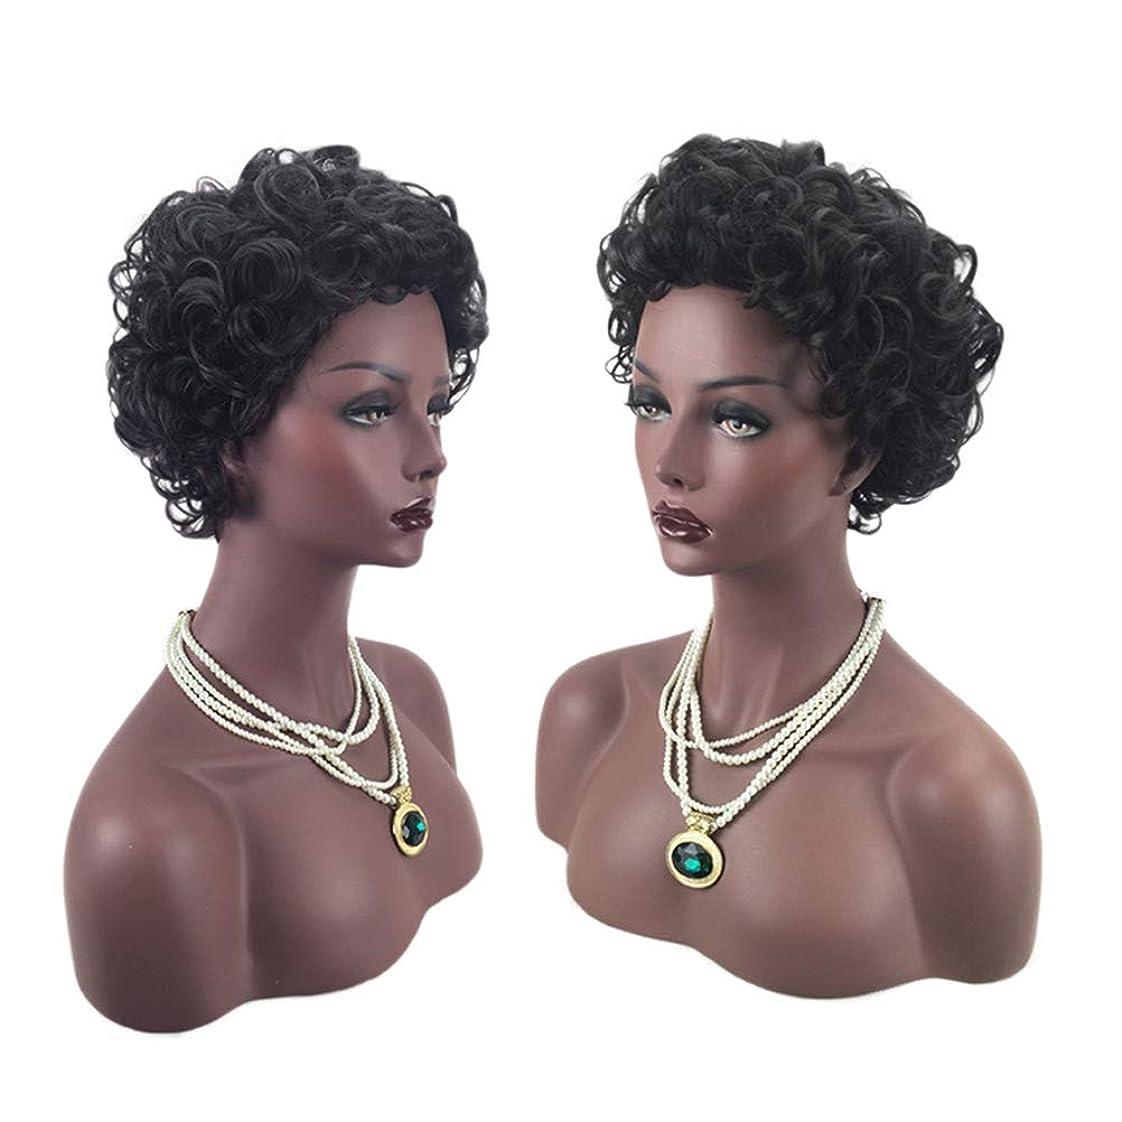 概要マッサージ地殻短い勾配かつらカーリー波状かつら女性用かつらキャップローズネットかつらグルーレスかつら子供のための合成かつらハロウィン衣装(OM-149)